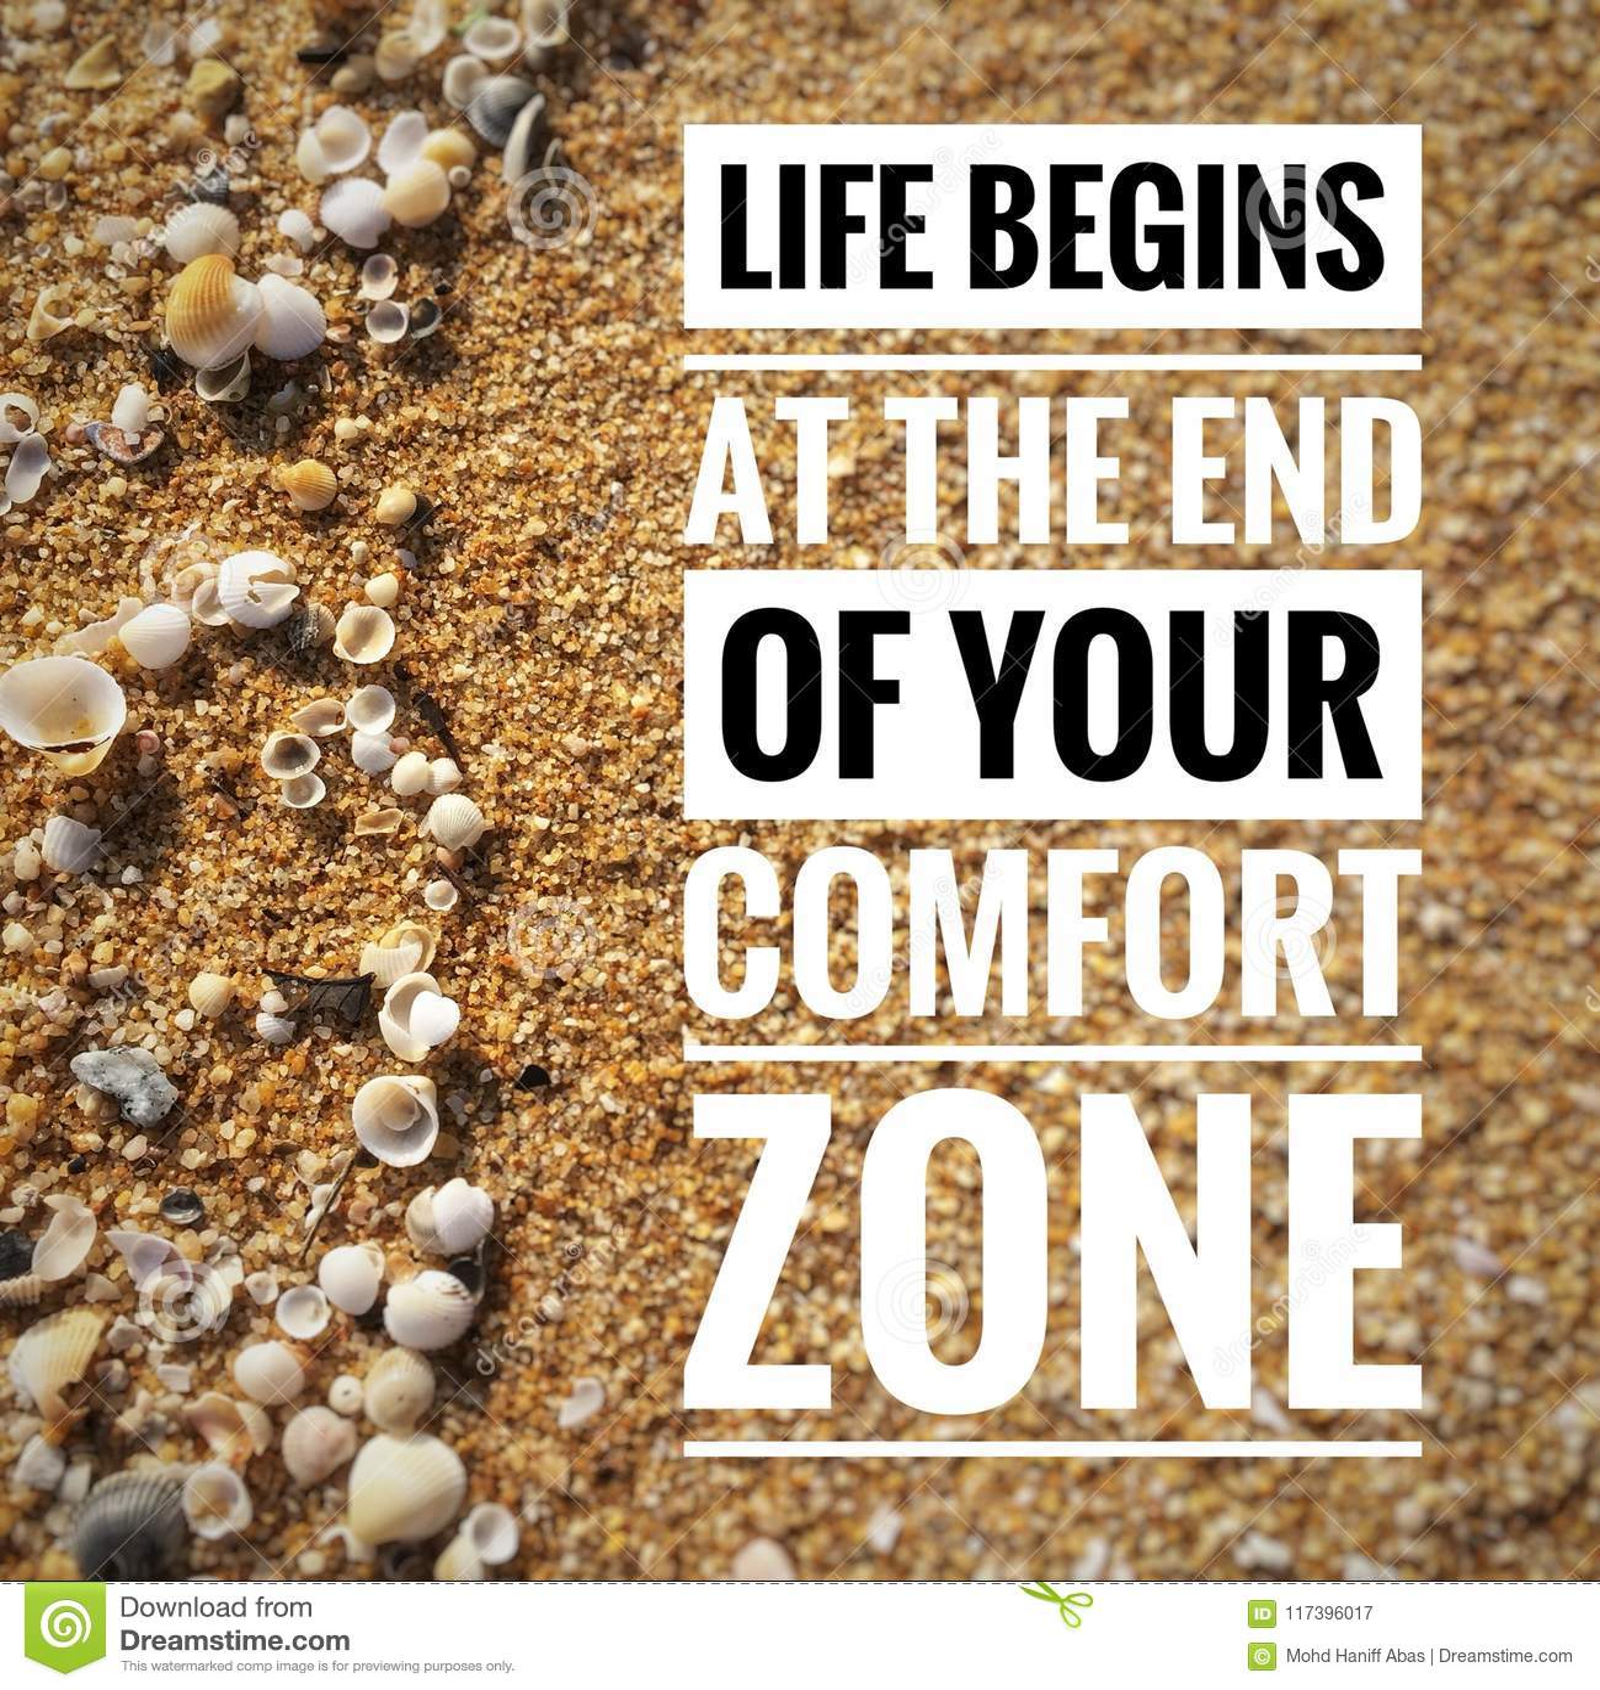 Citas de motivación en fondo de la naturaleza que una vida comienza en el final de su zona de comodidad